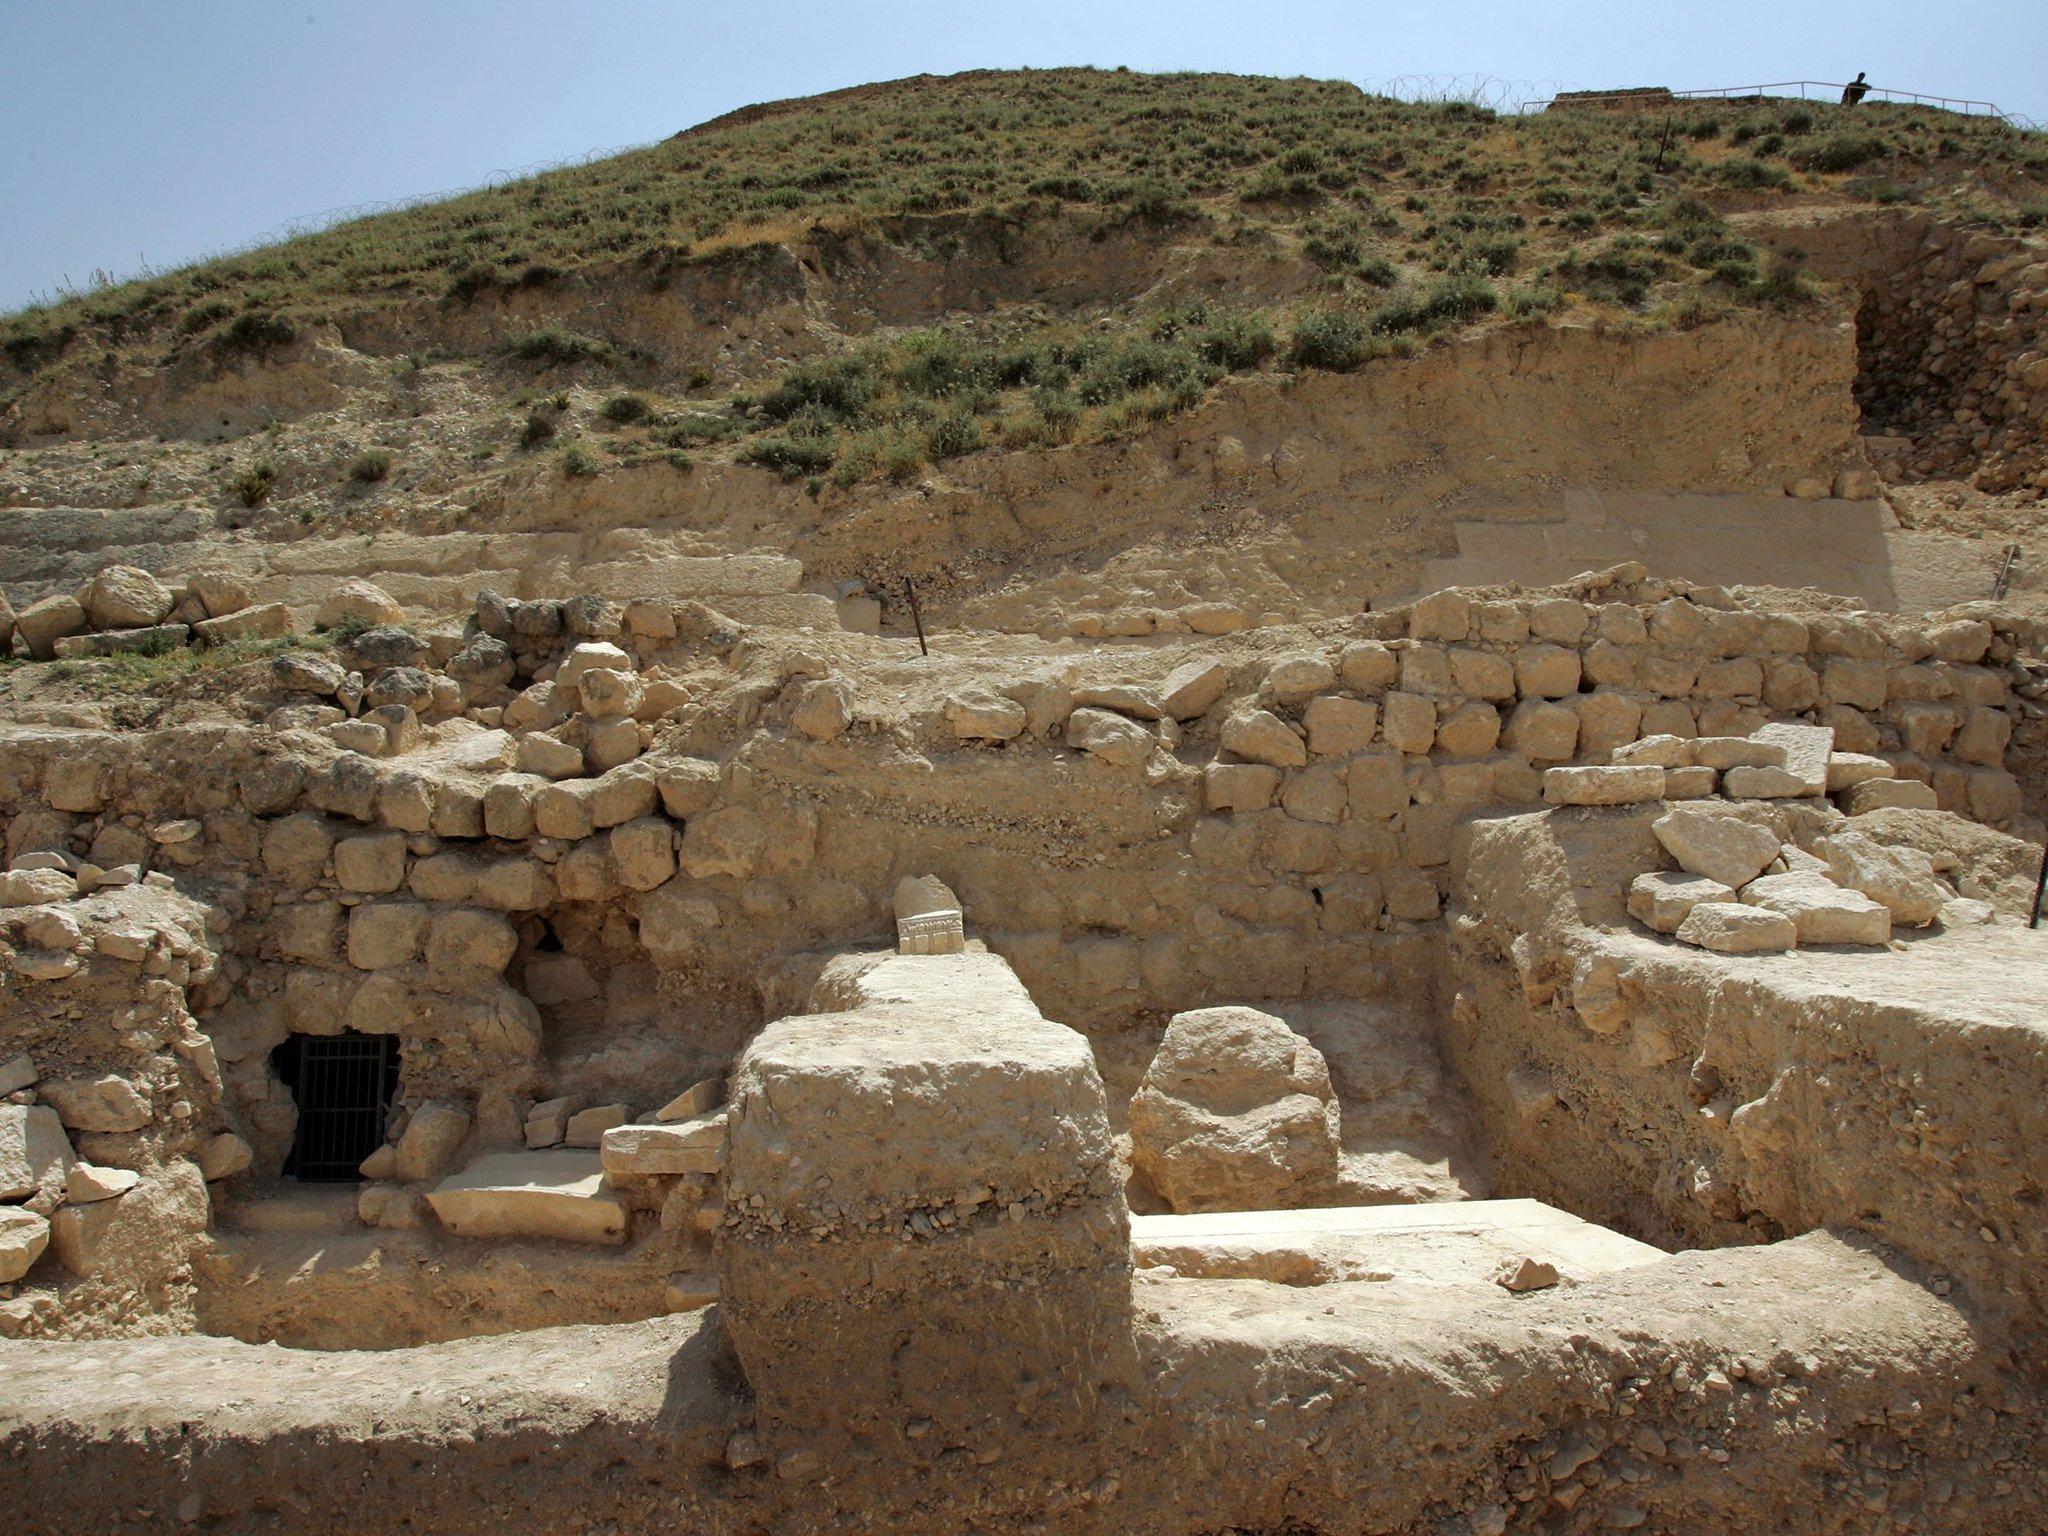 Δαχτυλίδι που βρέθηκε στο Ισραήλ ίσως ανήκει στον άνθρωπο που σταύρωσε τον